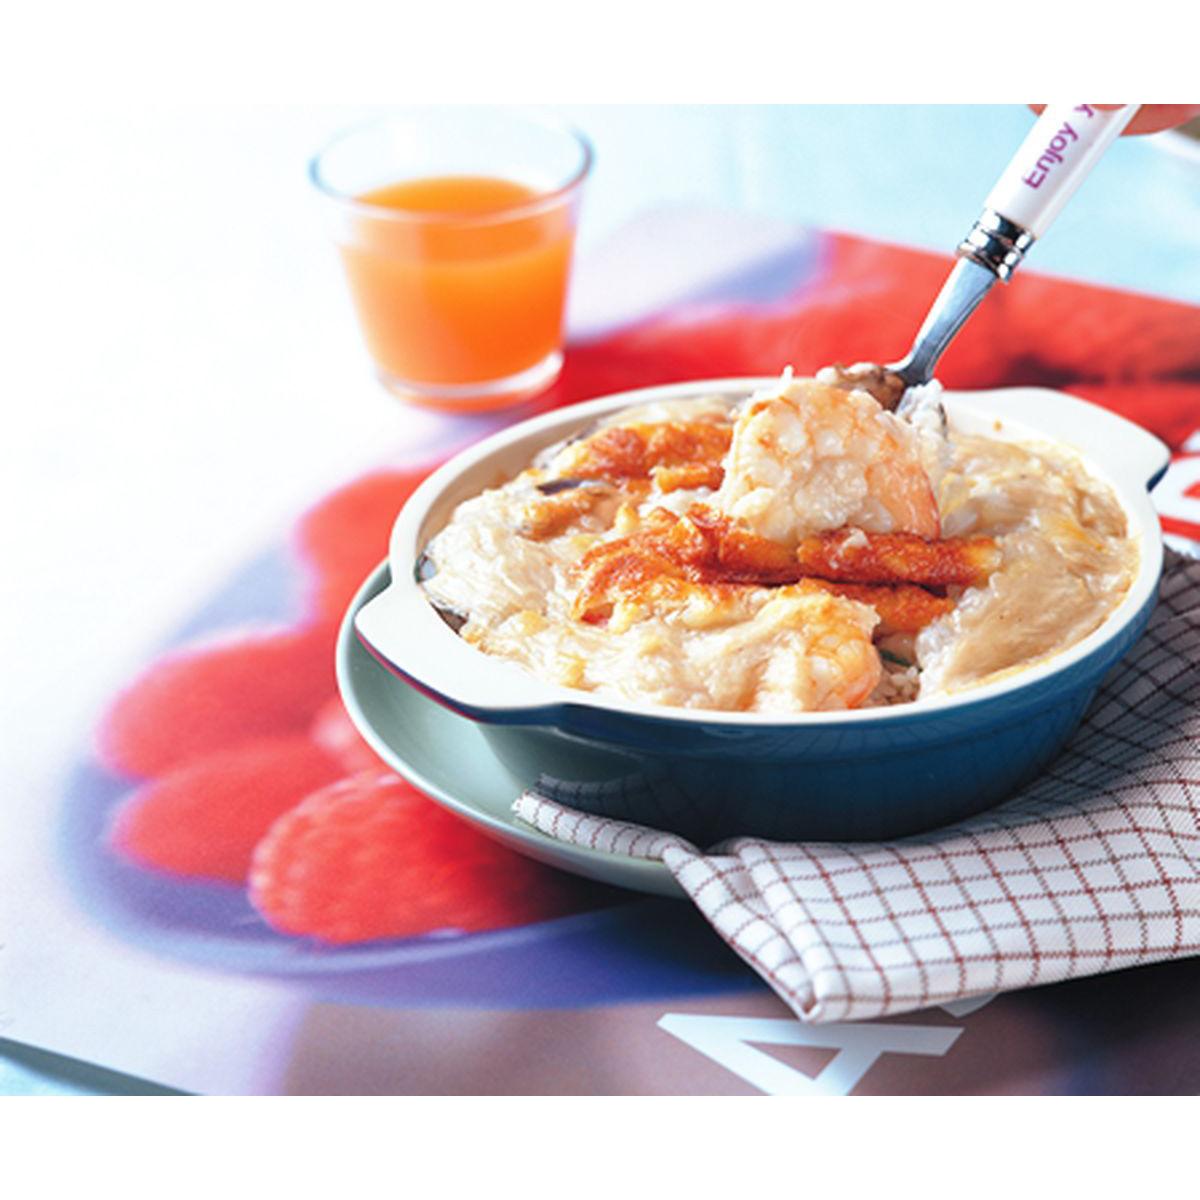 食譜:芝士海鮮焗飯